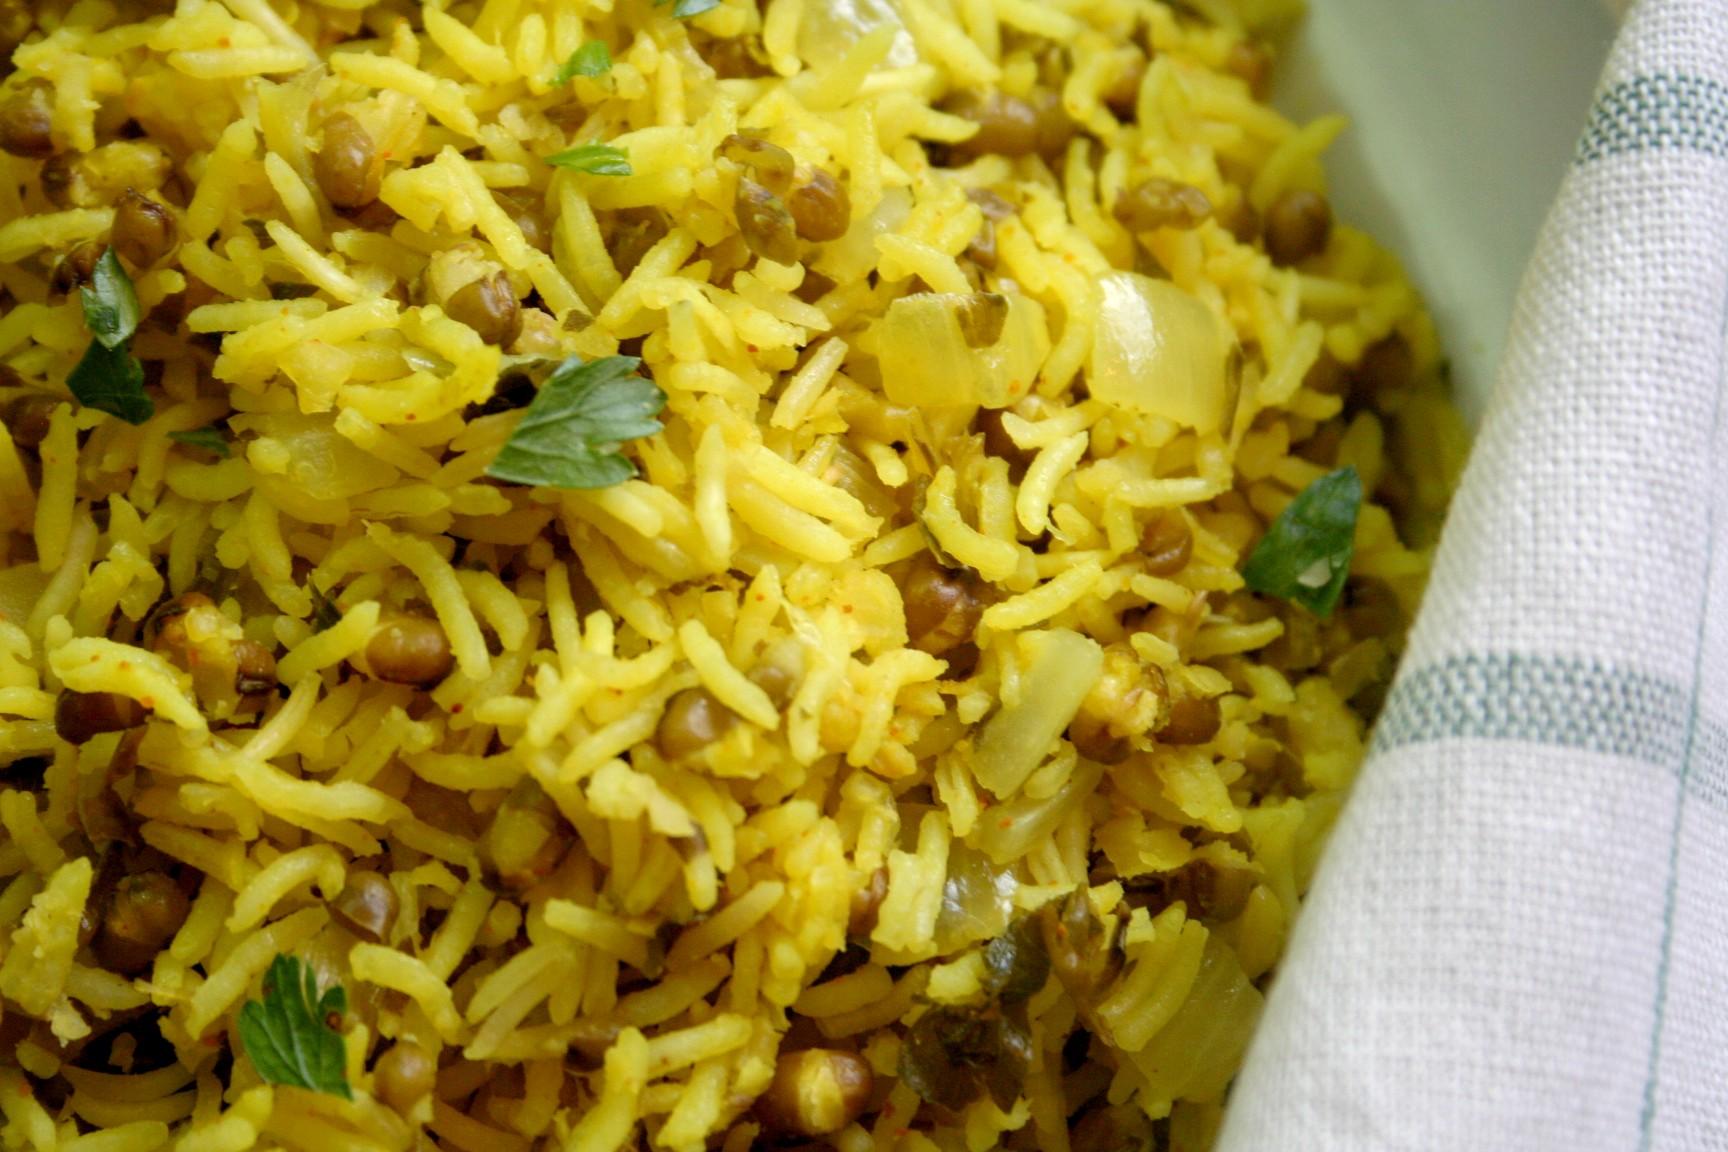 אורז עם מאש בעשבי תיבול